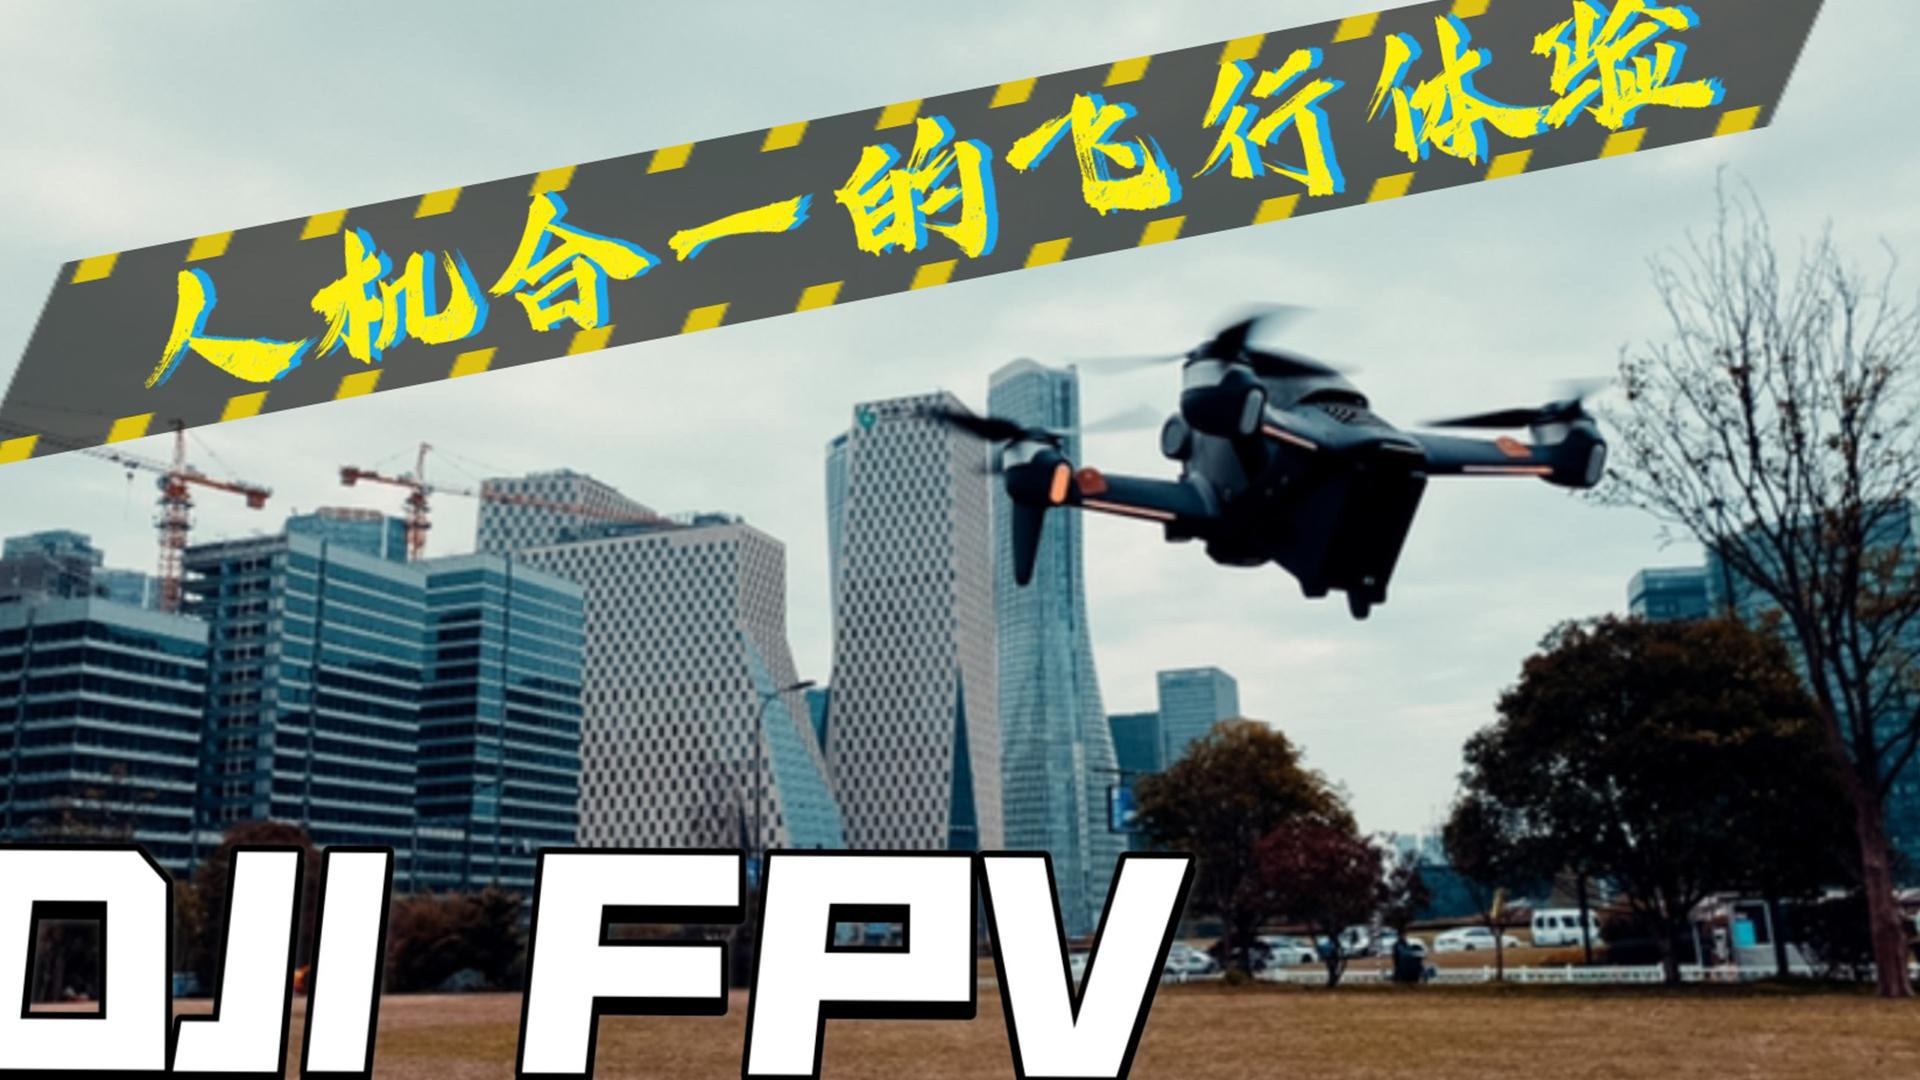 江灵光|DJI FPV 开箱首飞,人机合一的飞行体验